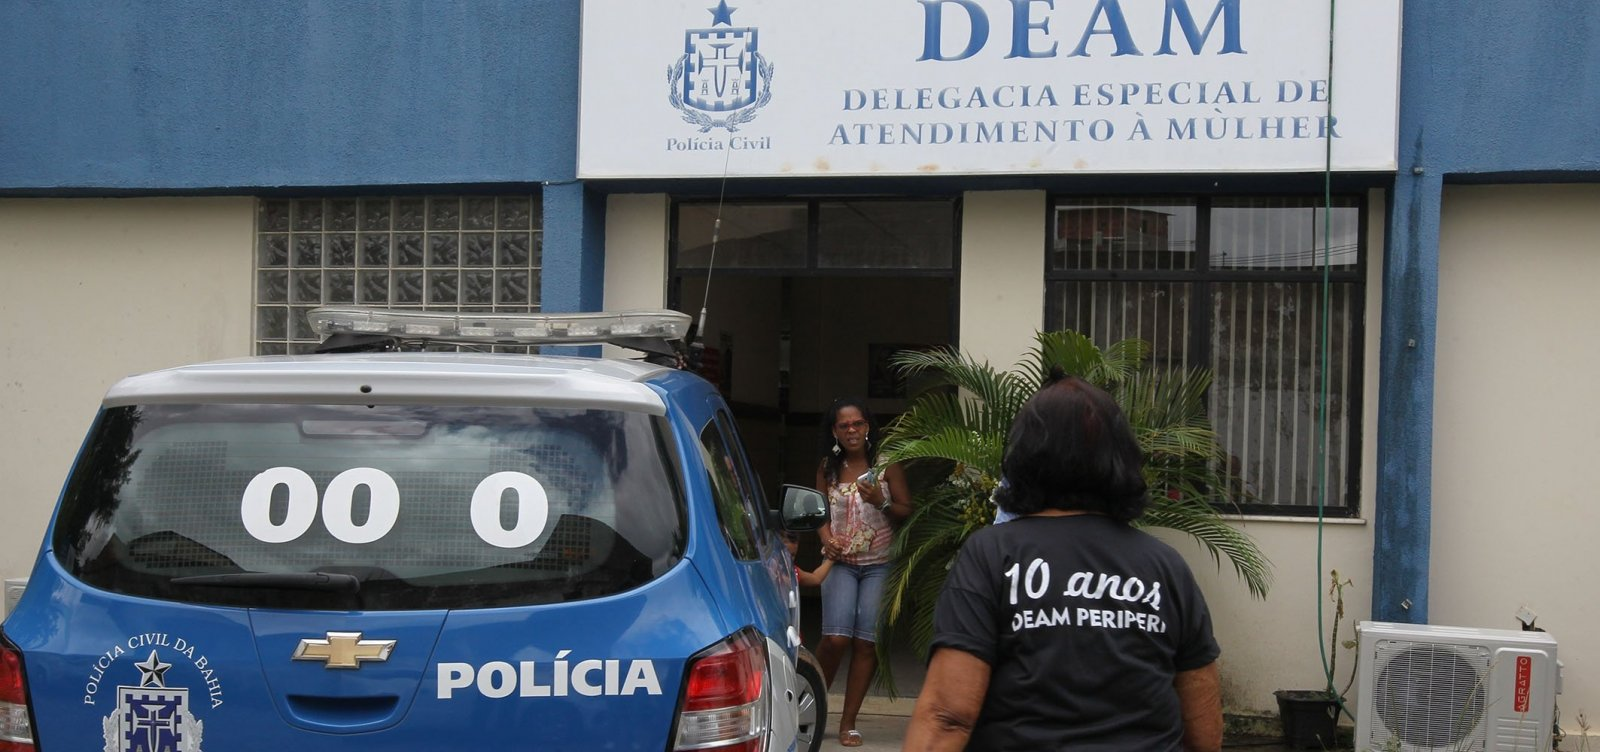 Após mais de 3 mil denúncias de violência contra mulher, governo estadual prepara campanha